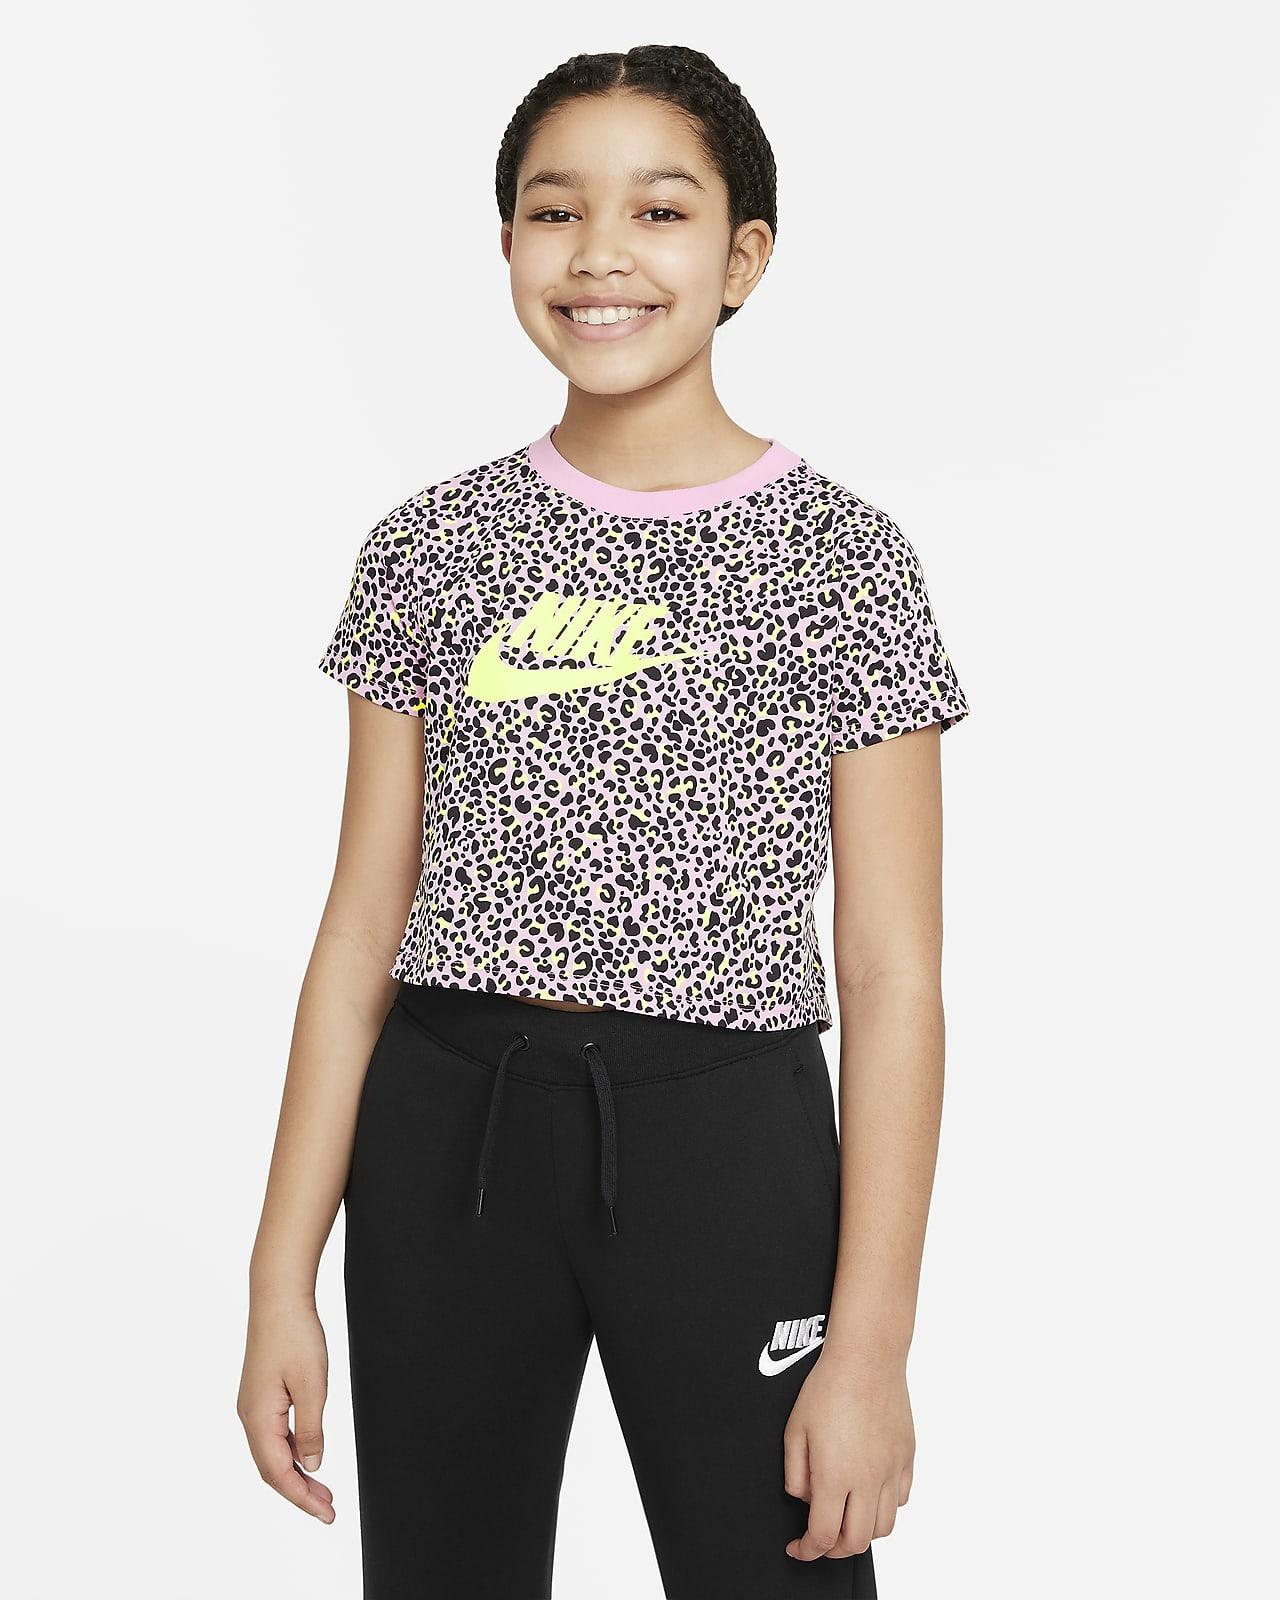 Nike Sportswear Older Kids' (Girls') Printed Crop Top